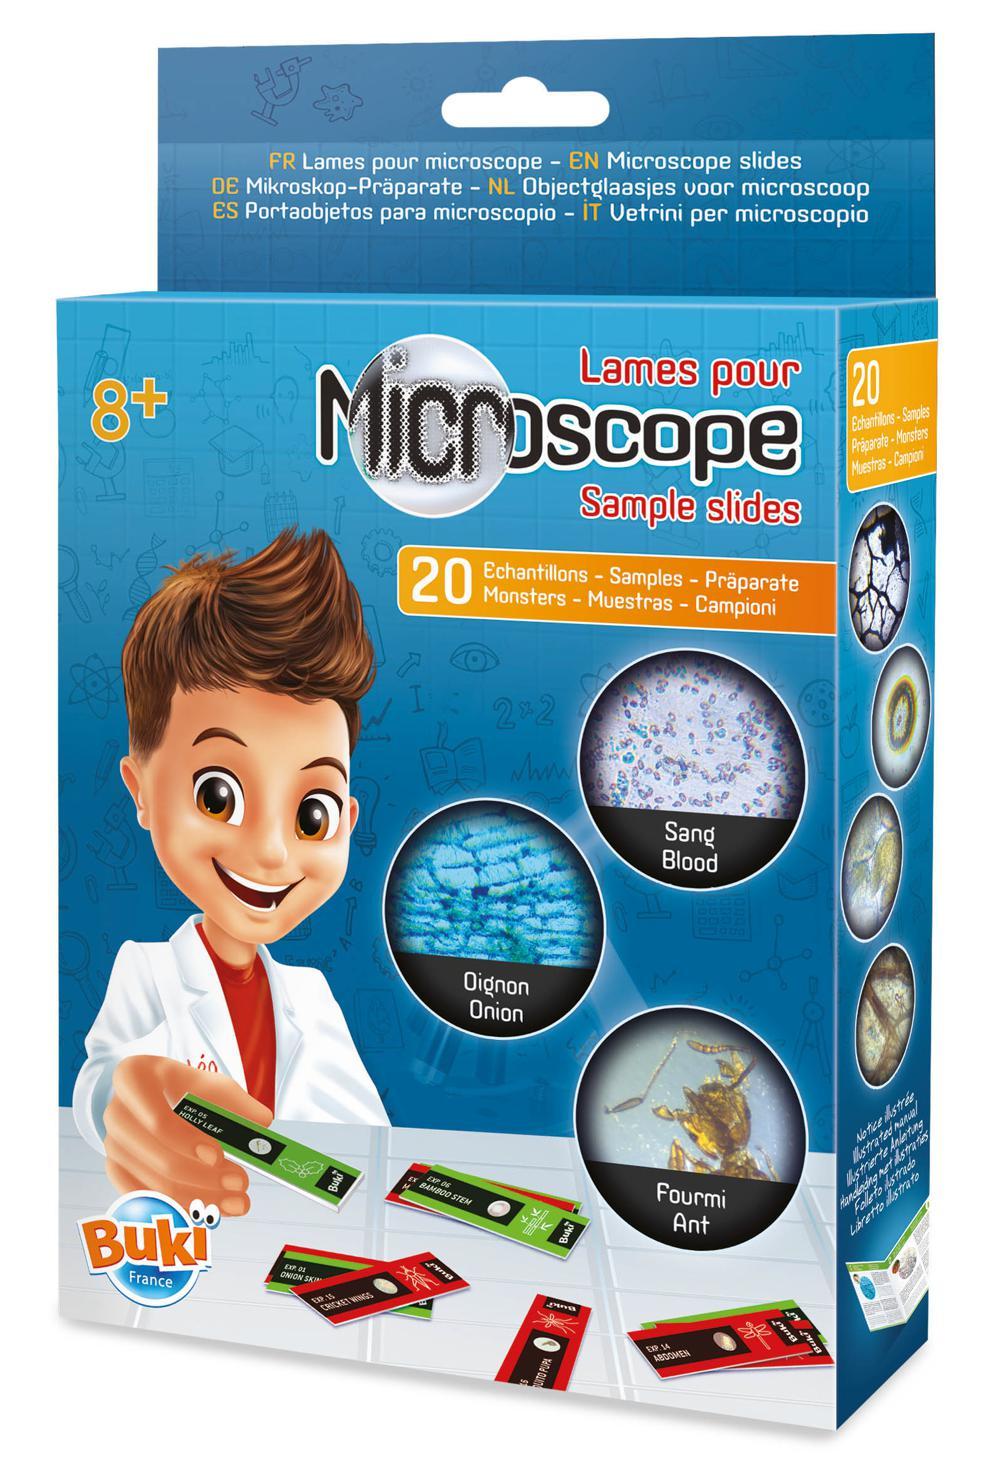 Buki France - Lames pour microscope